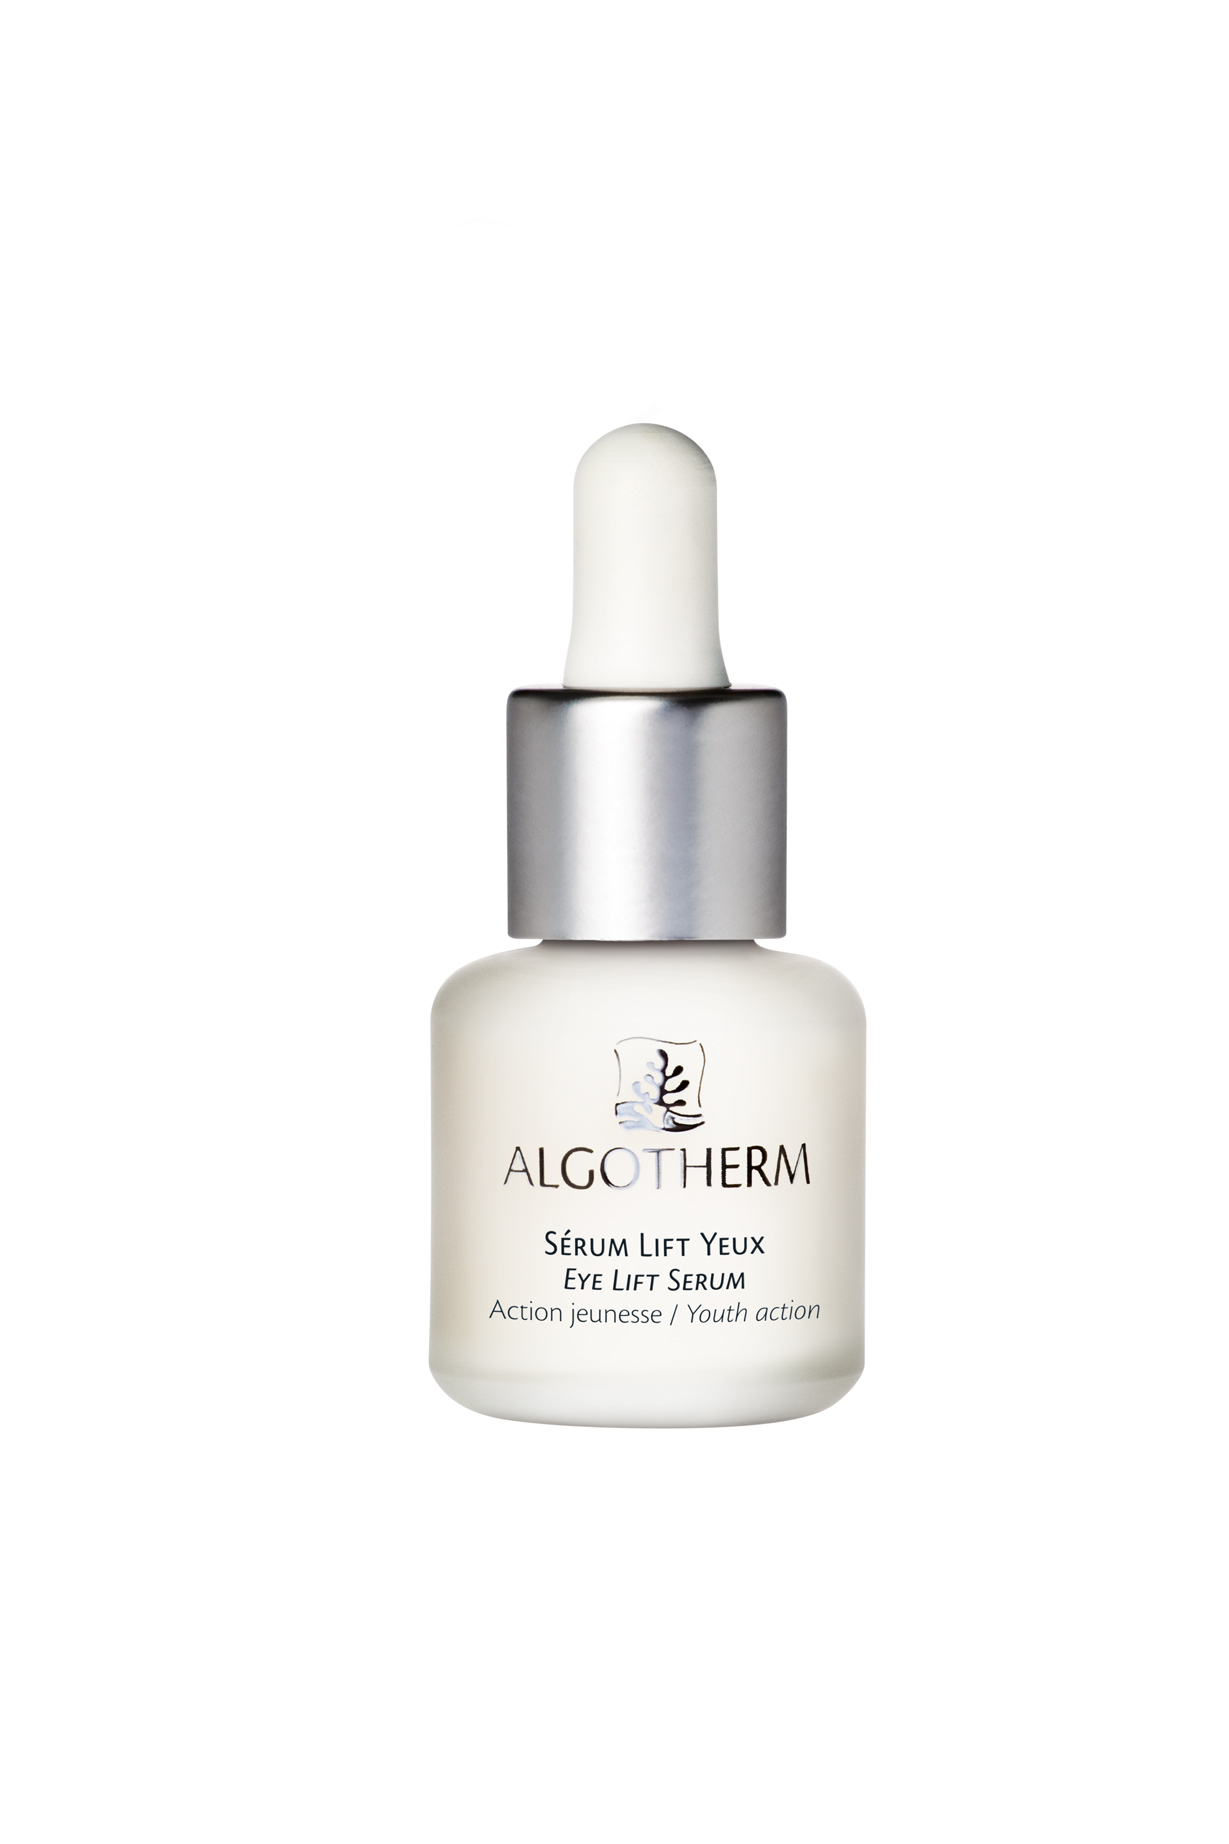 Algotherm Serum Lift Yeux 15ml